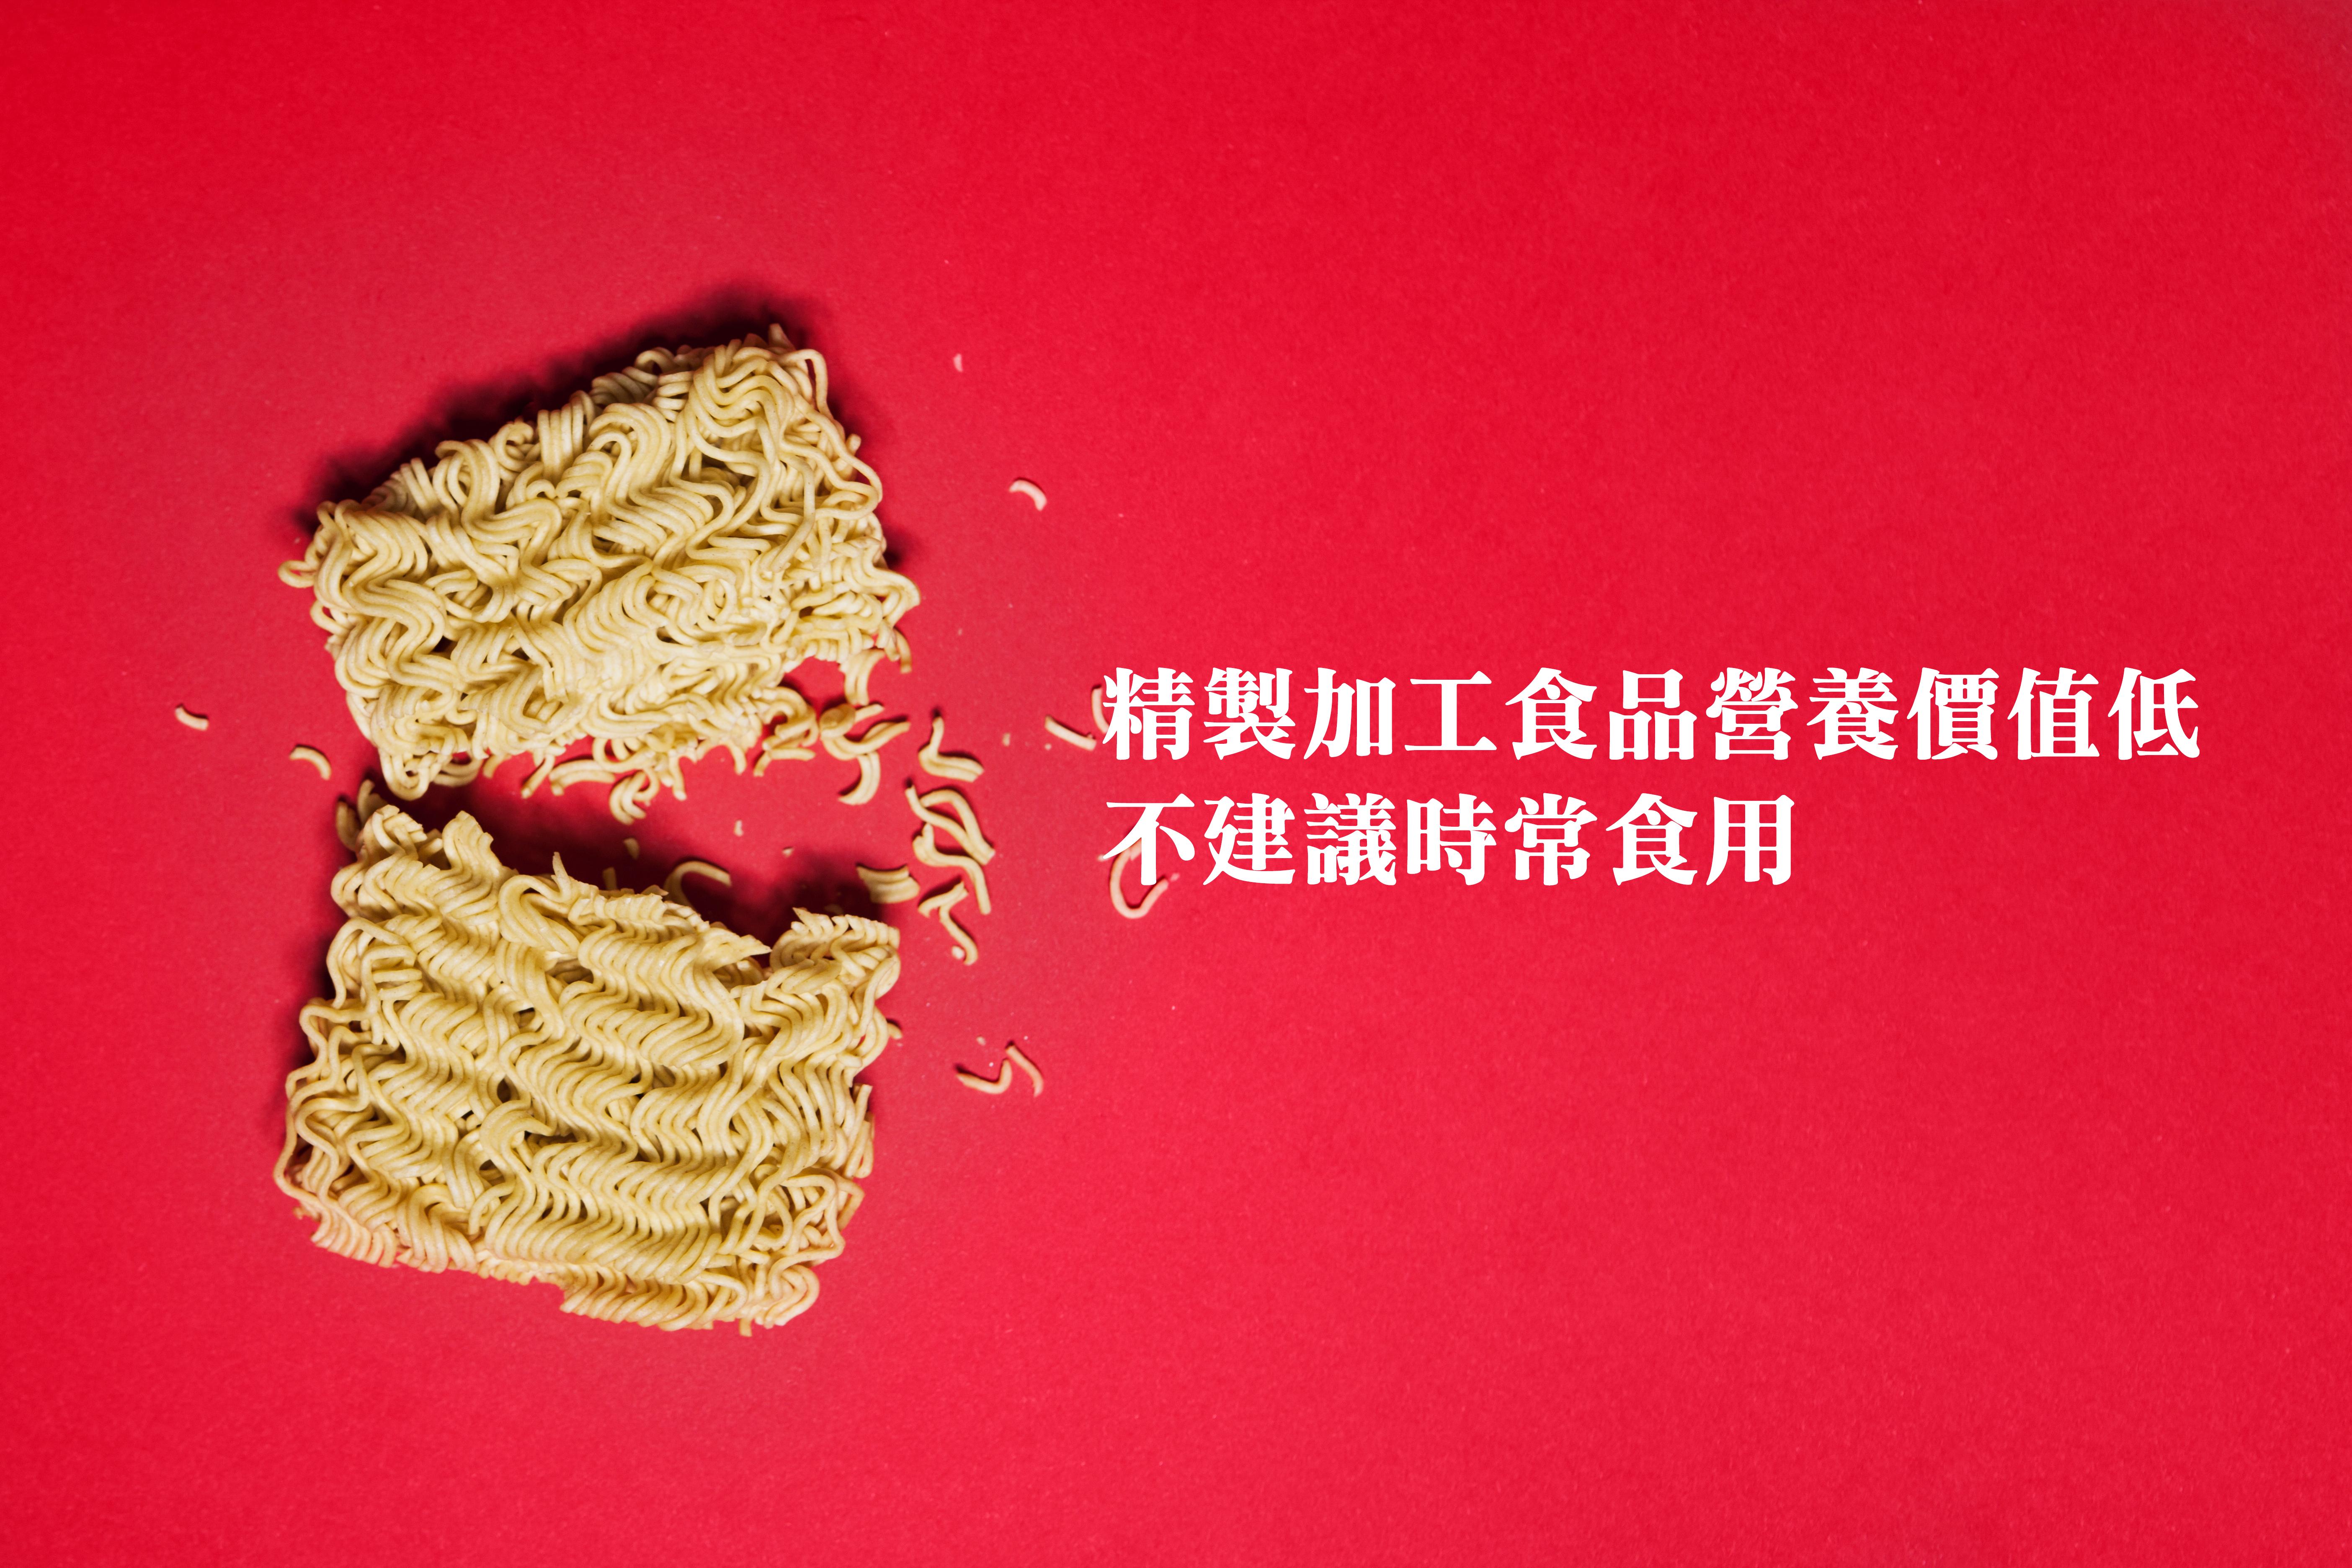 instant noodles-01.png